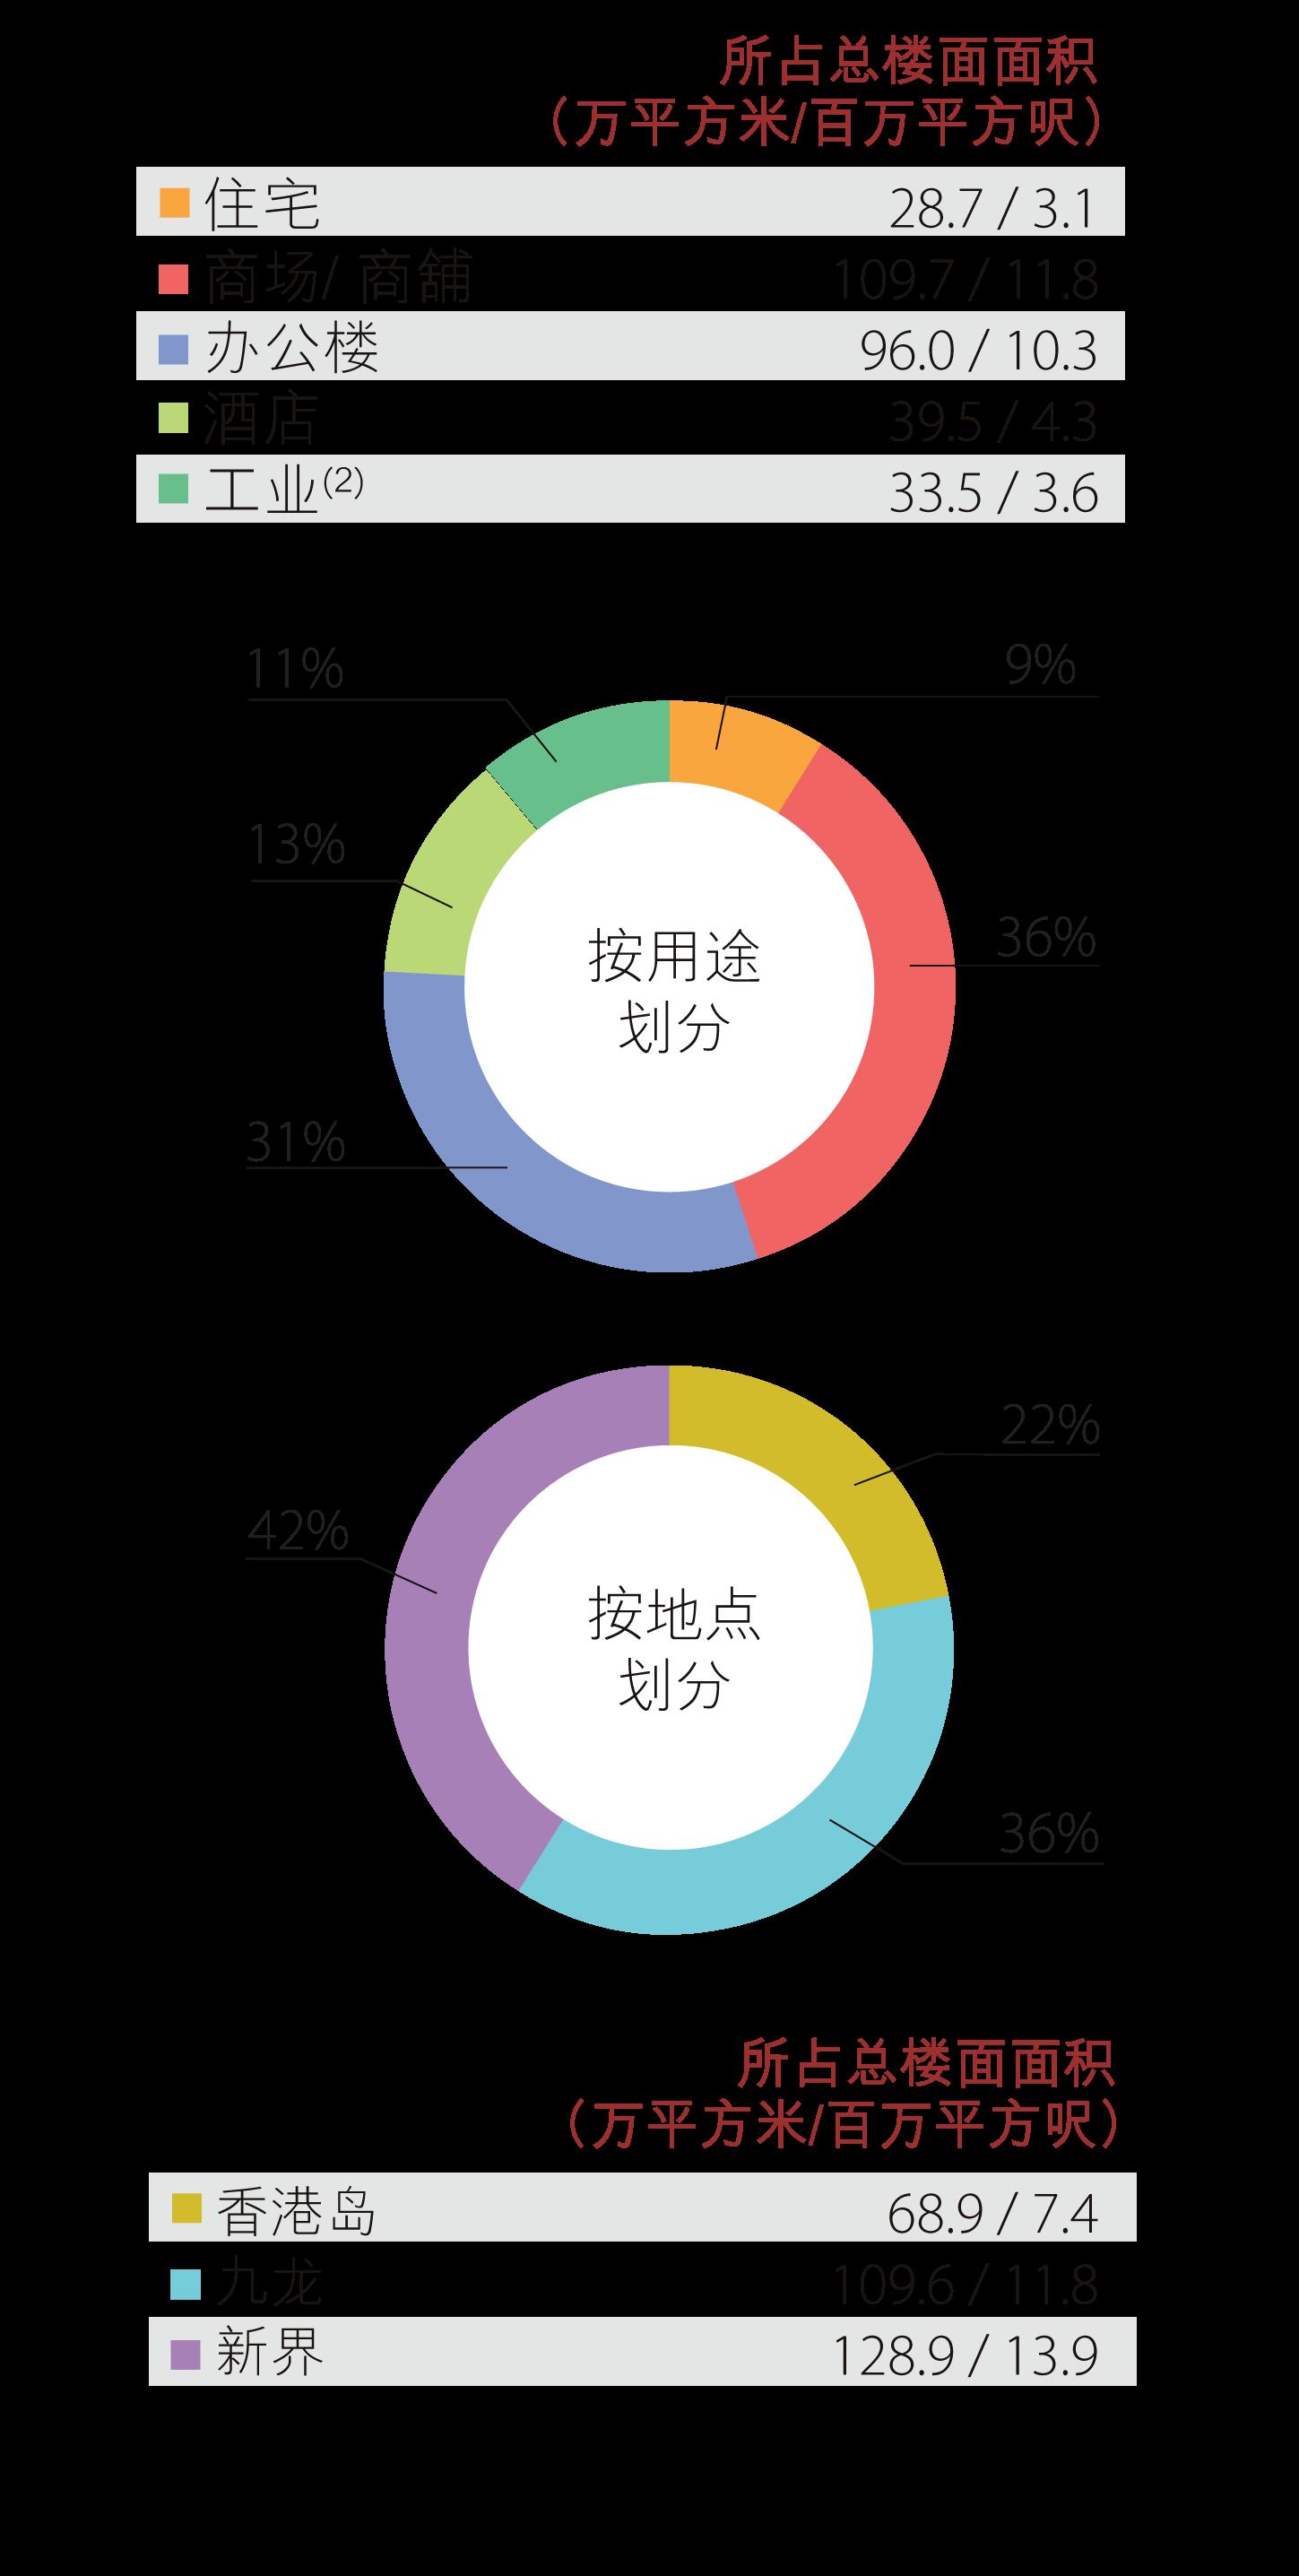 香港土地储备 - 已落成物业